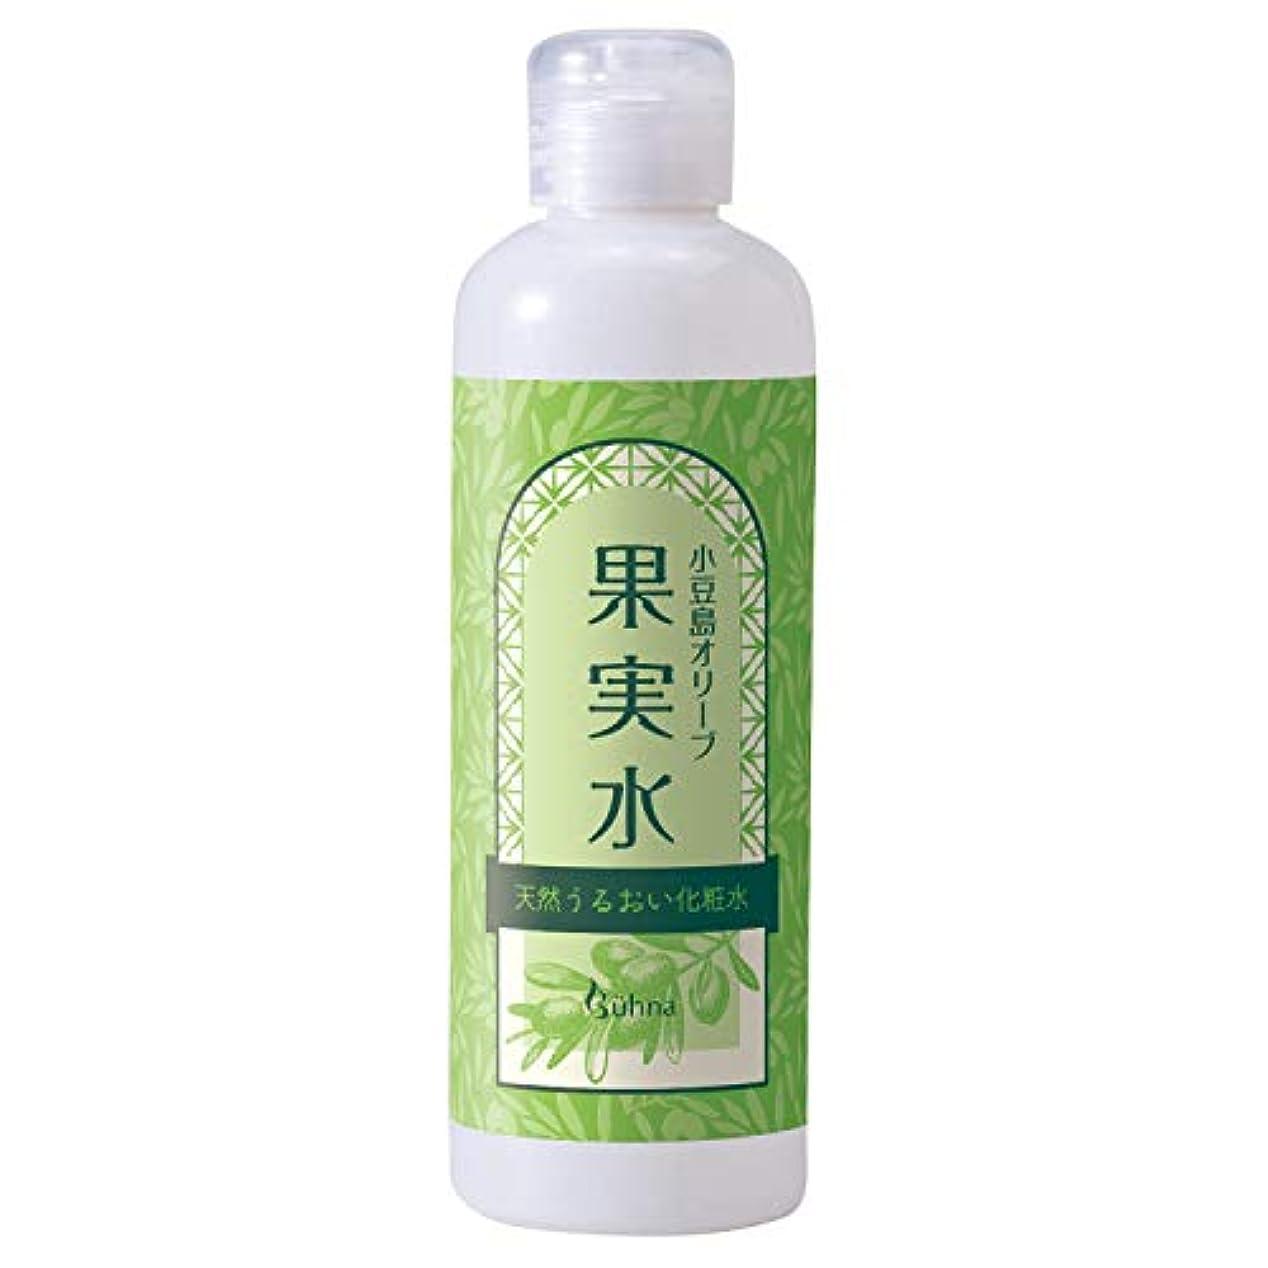 仕出しますガレージモンスタービューナ 小豆島オリーブ果実水 化粧水 保湿 オリーブオイル 無着色 アルコールフリー パラベンフリー 合成香料不使用